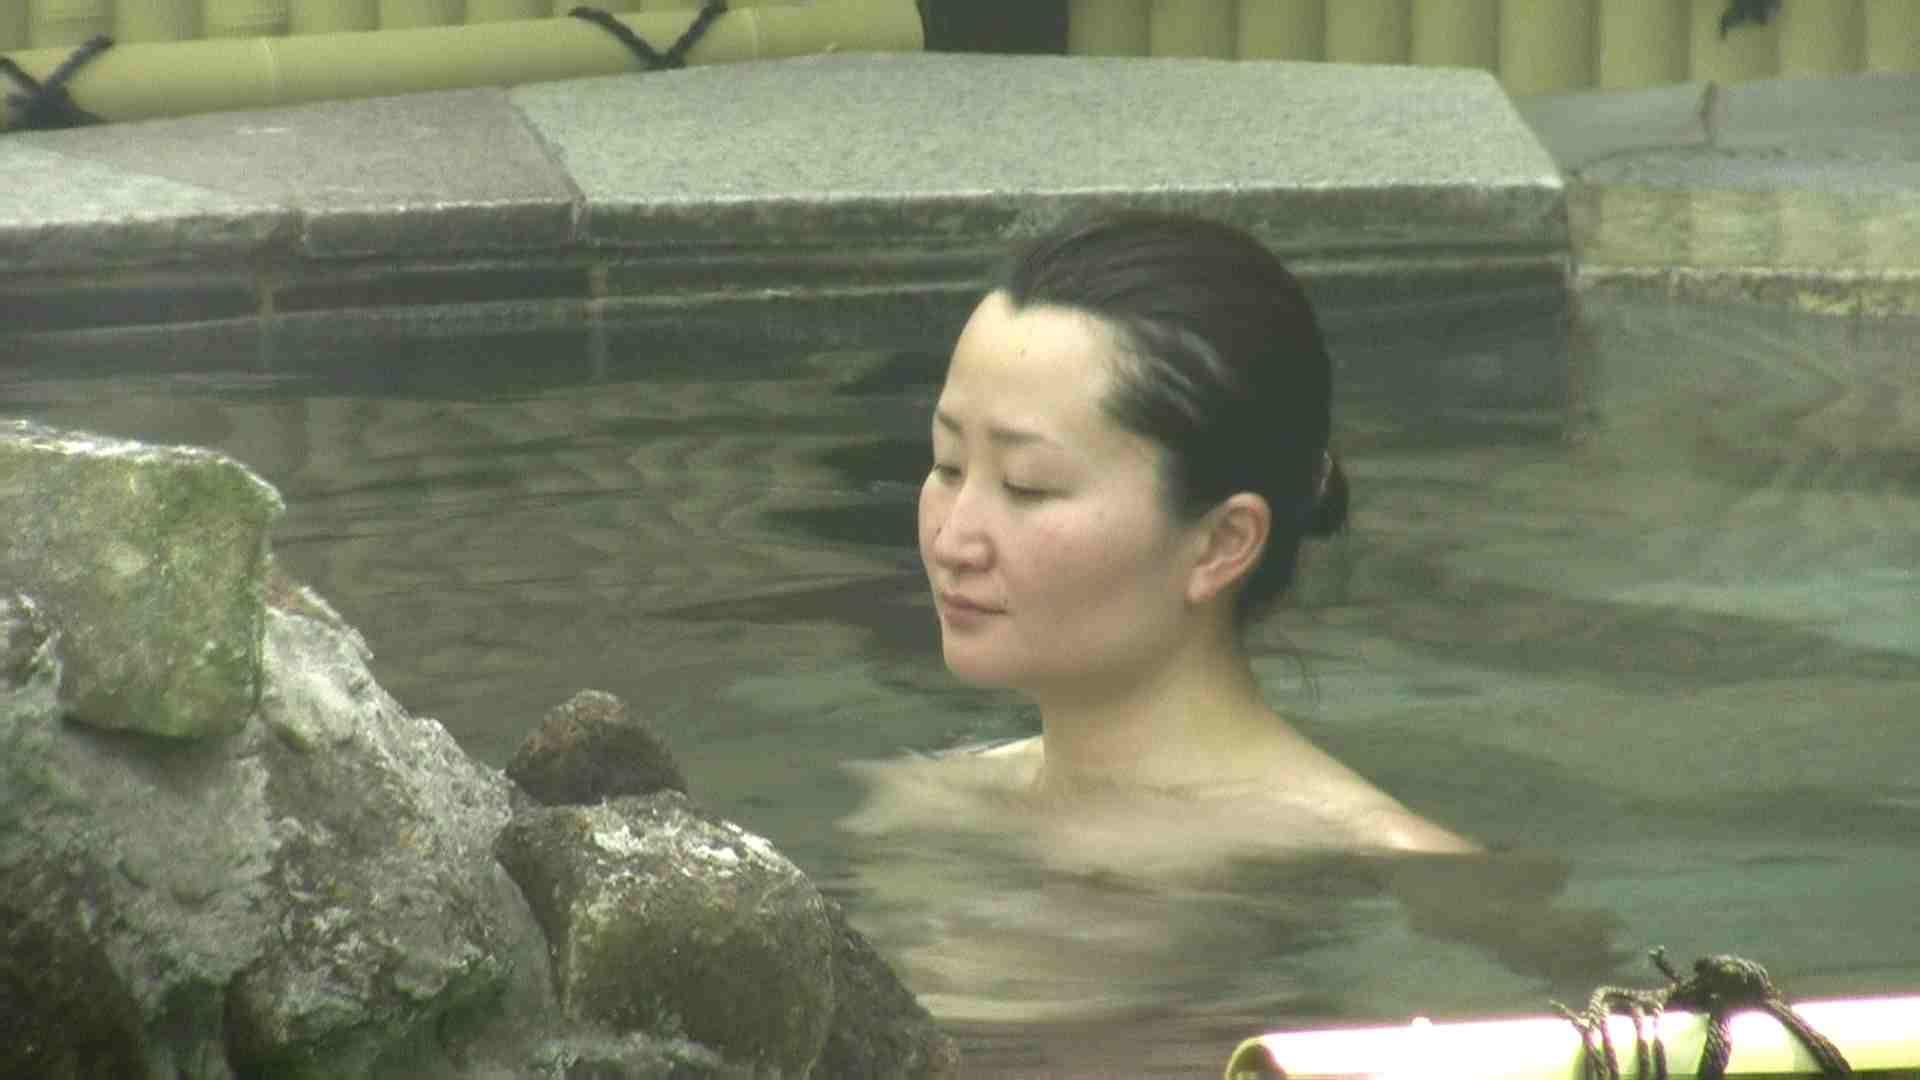 Aquaな露天風呂Vol.632 盗撮シリーズ  100PIX 40